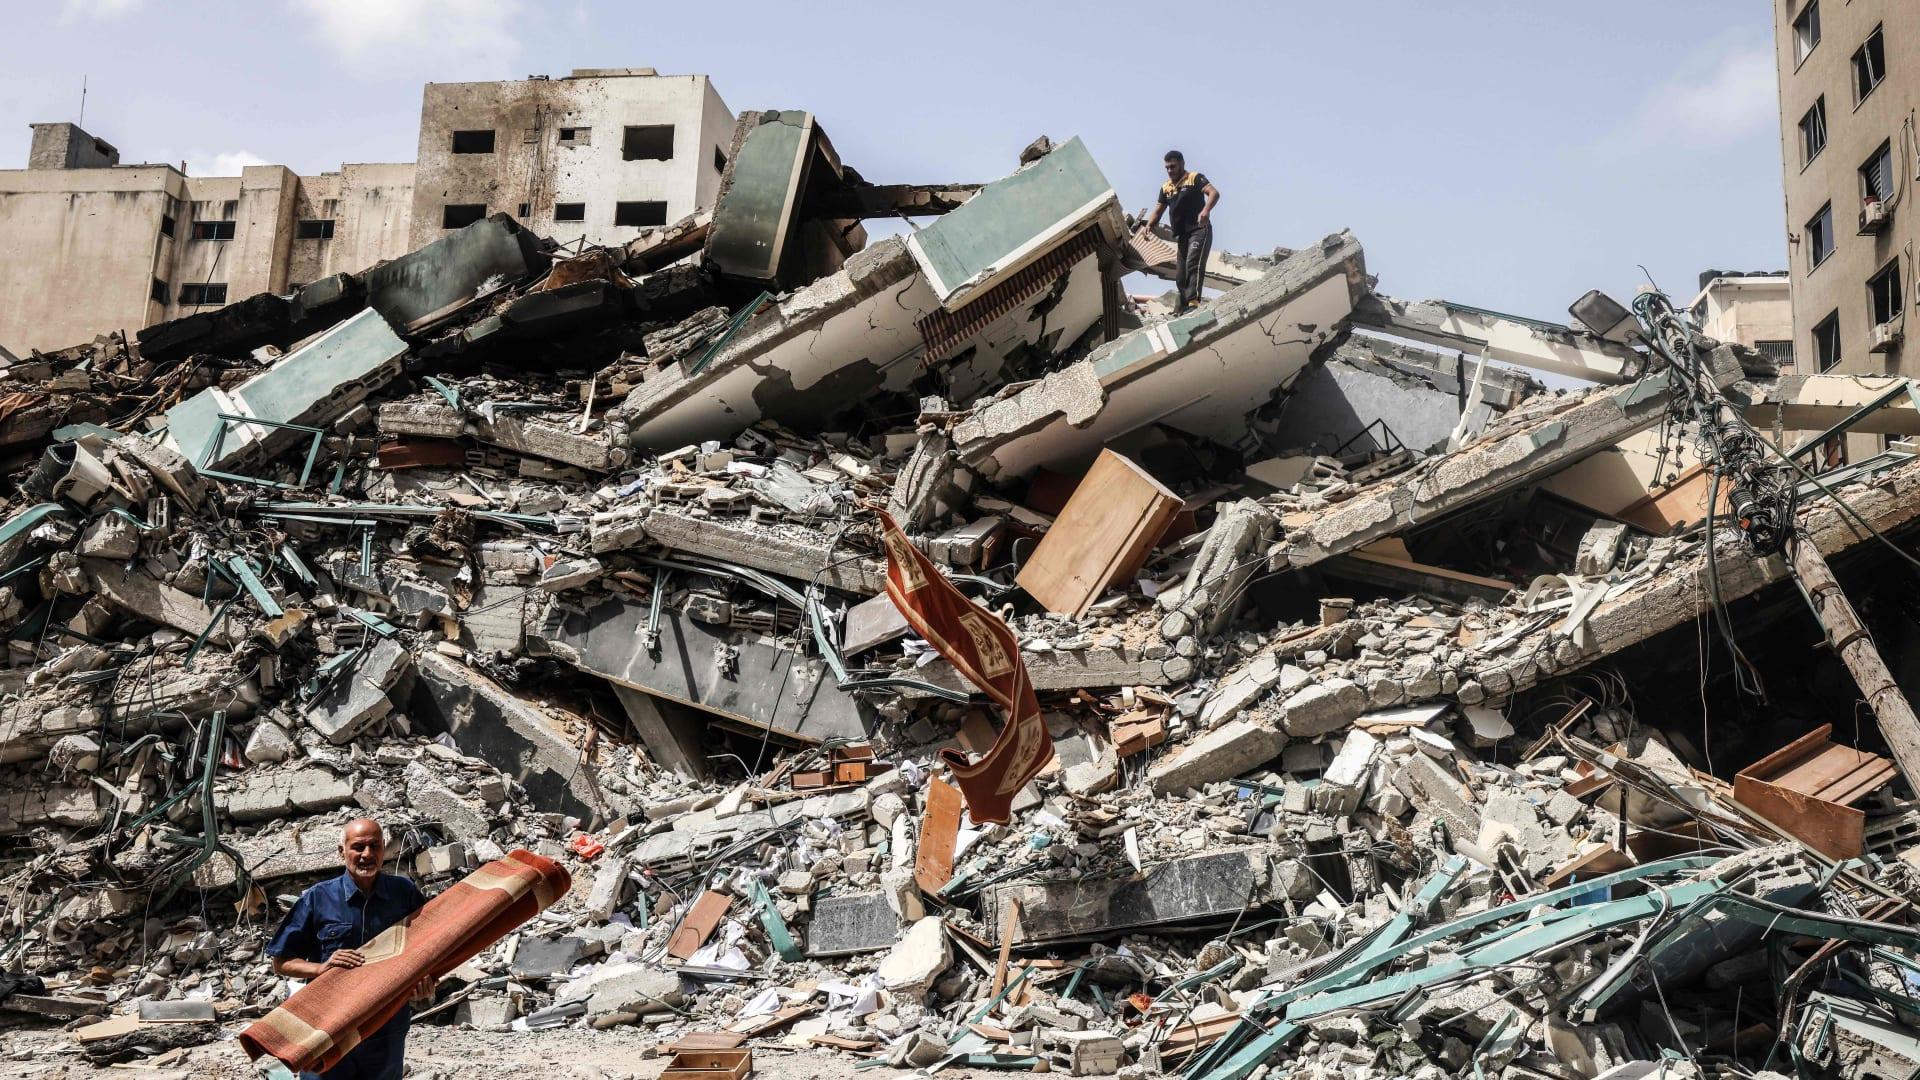 """إسرائيل تكشف تفاصيل عن استهداف """"برج الجلاء"""" في غزة.. وسفيرها يلتقي ممثلي """"أسوشيتد برس"""""""